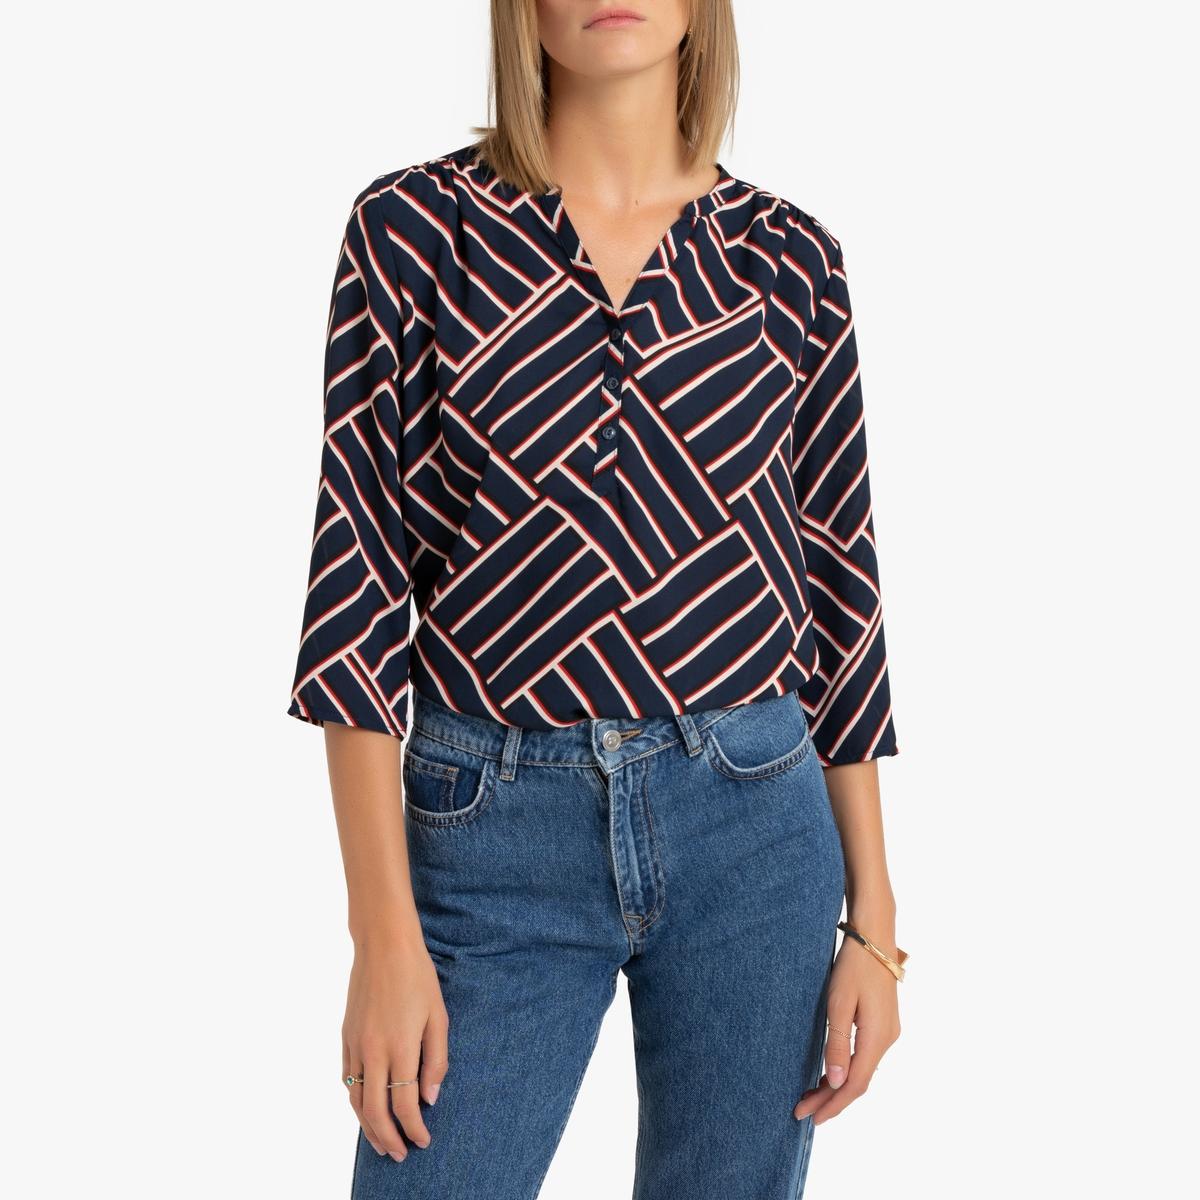 Блузка La Redoute С рукавами и графическим рисунком 42 (FR) - 48 (RUS) серый брюки la redoute узкие дудочки с жаккардовым рисунком 50 fr 56 rus черный